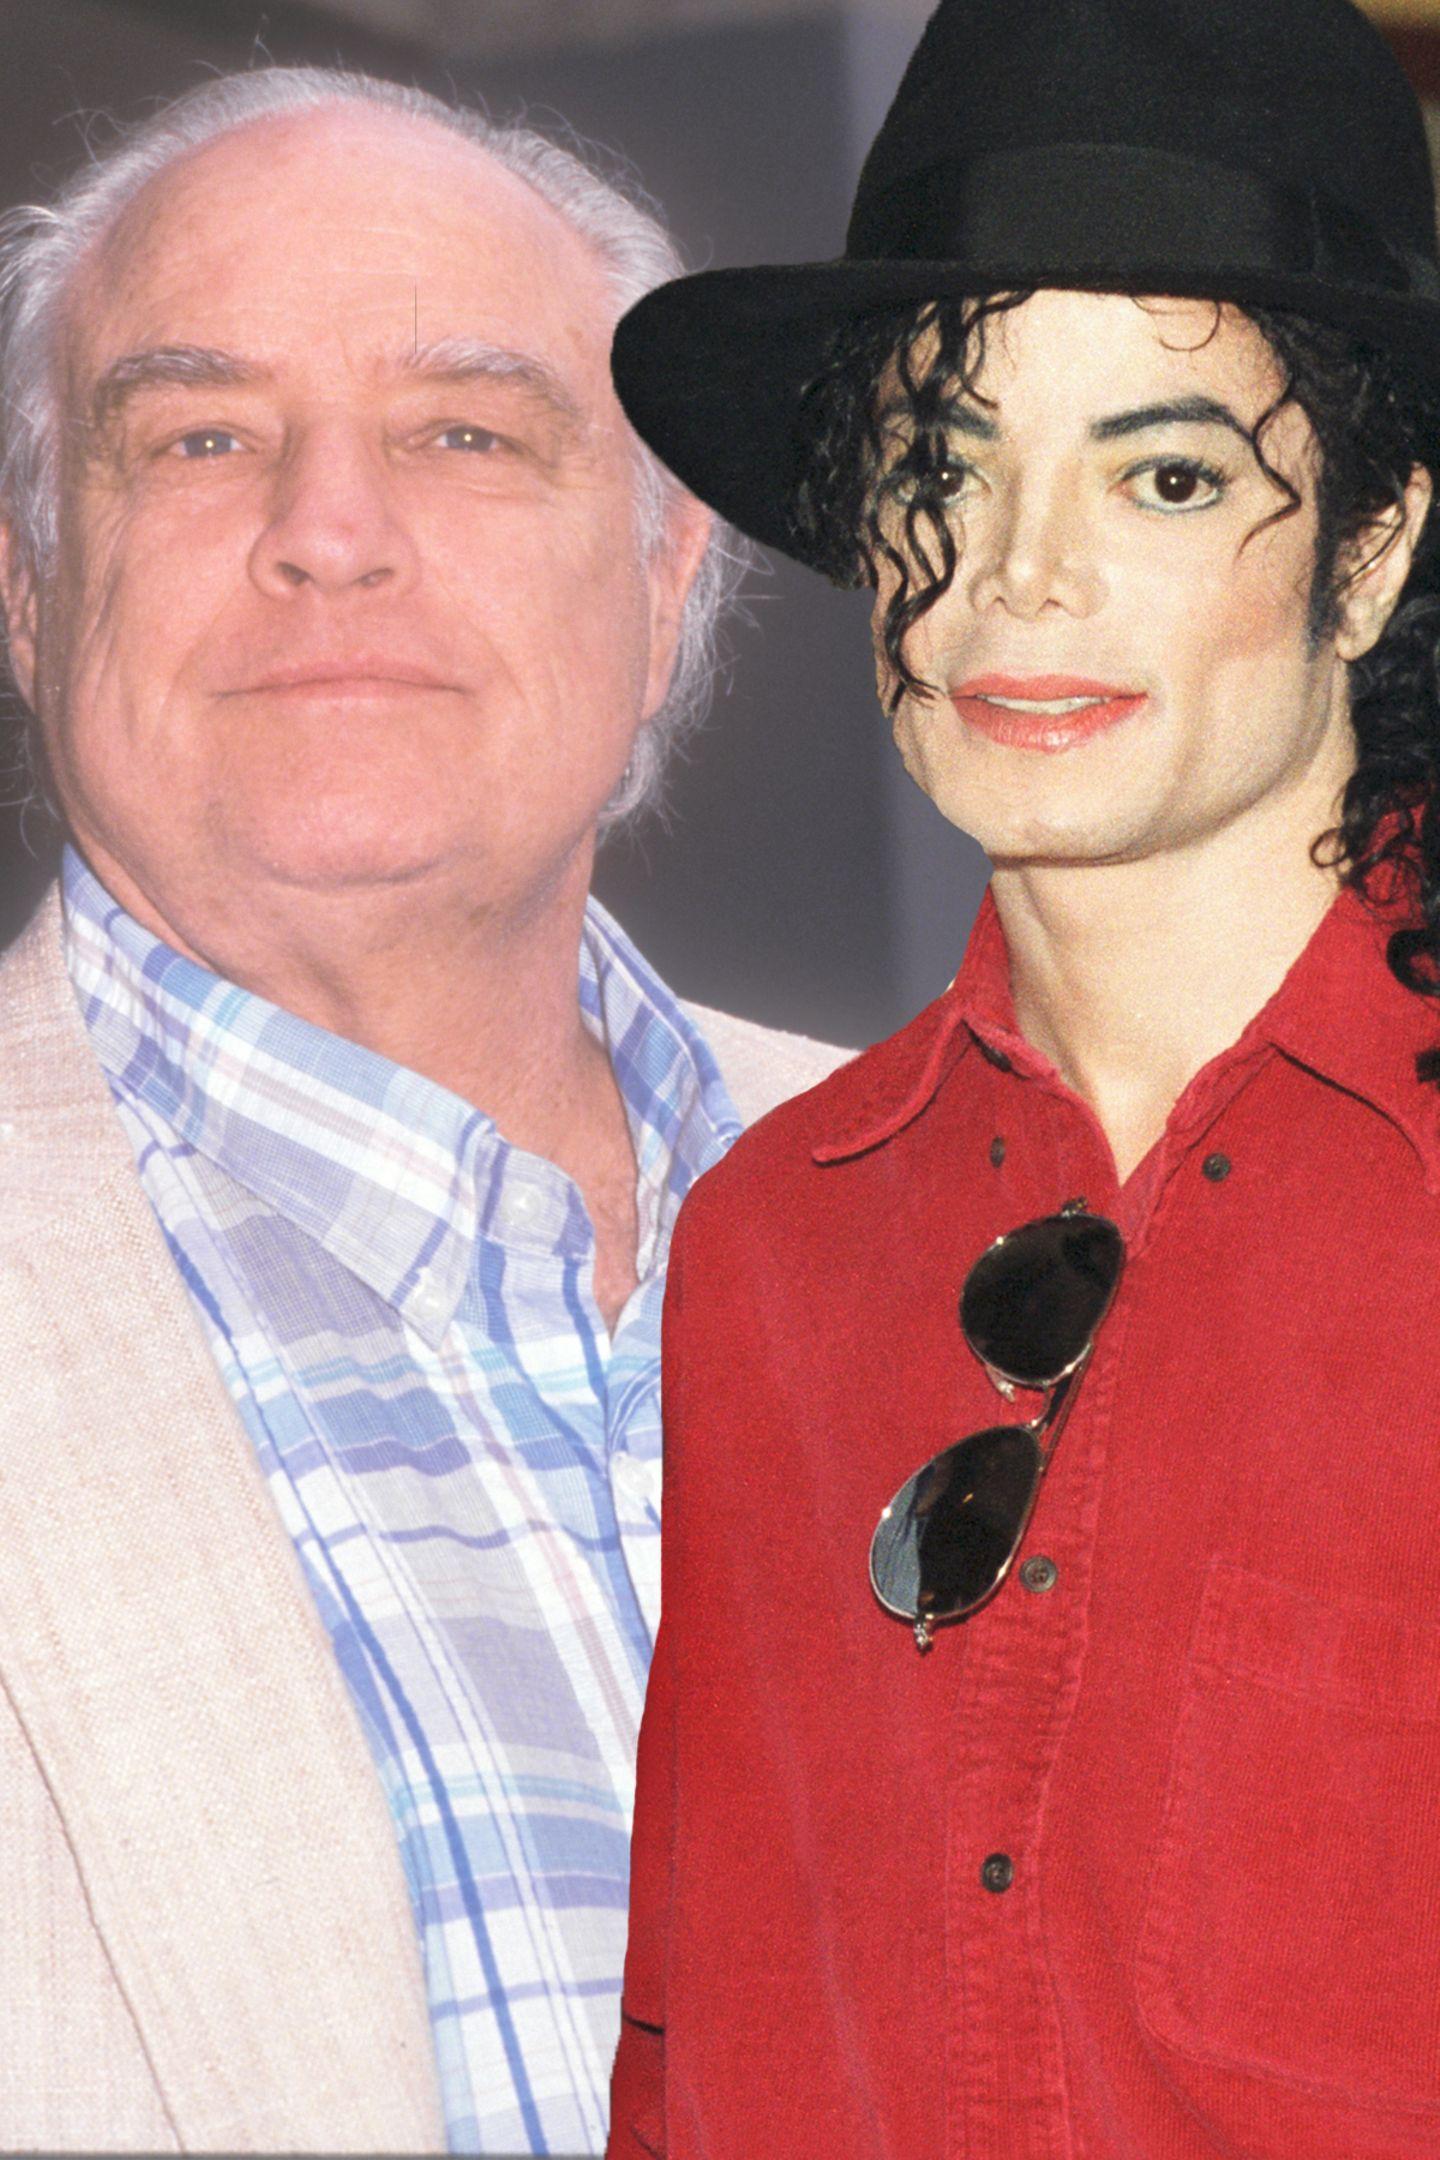 Michael Jackson: Marlon Brando sagte gegen ihn wegen Missbrauchs aus